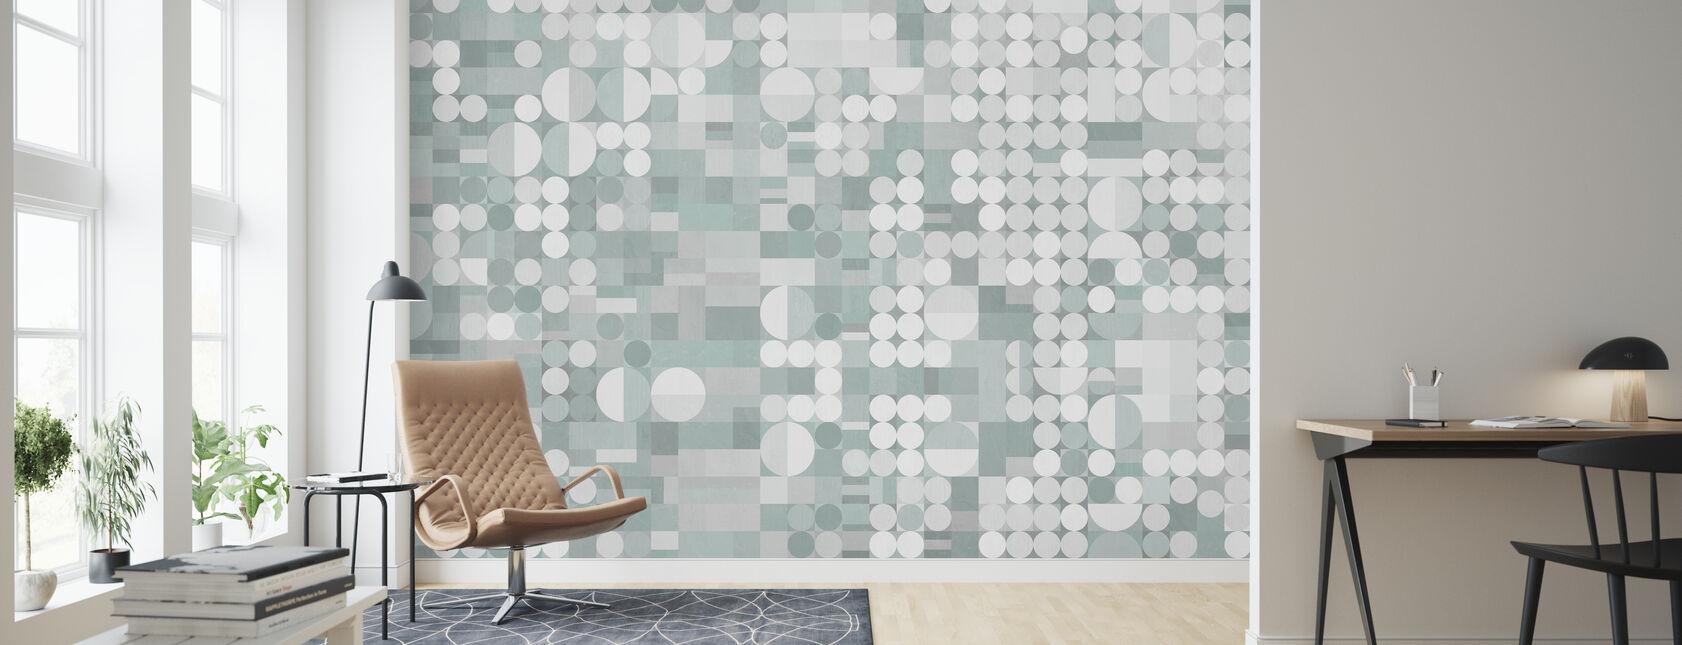 Circles and Blocks Deco III - Wallpaper - Living Room